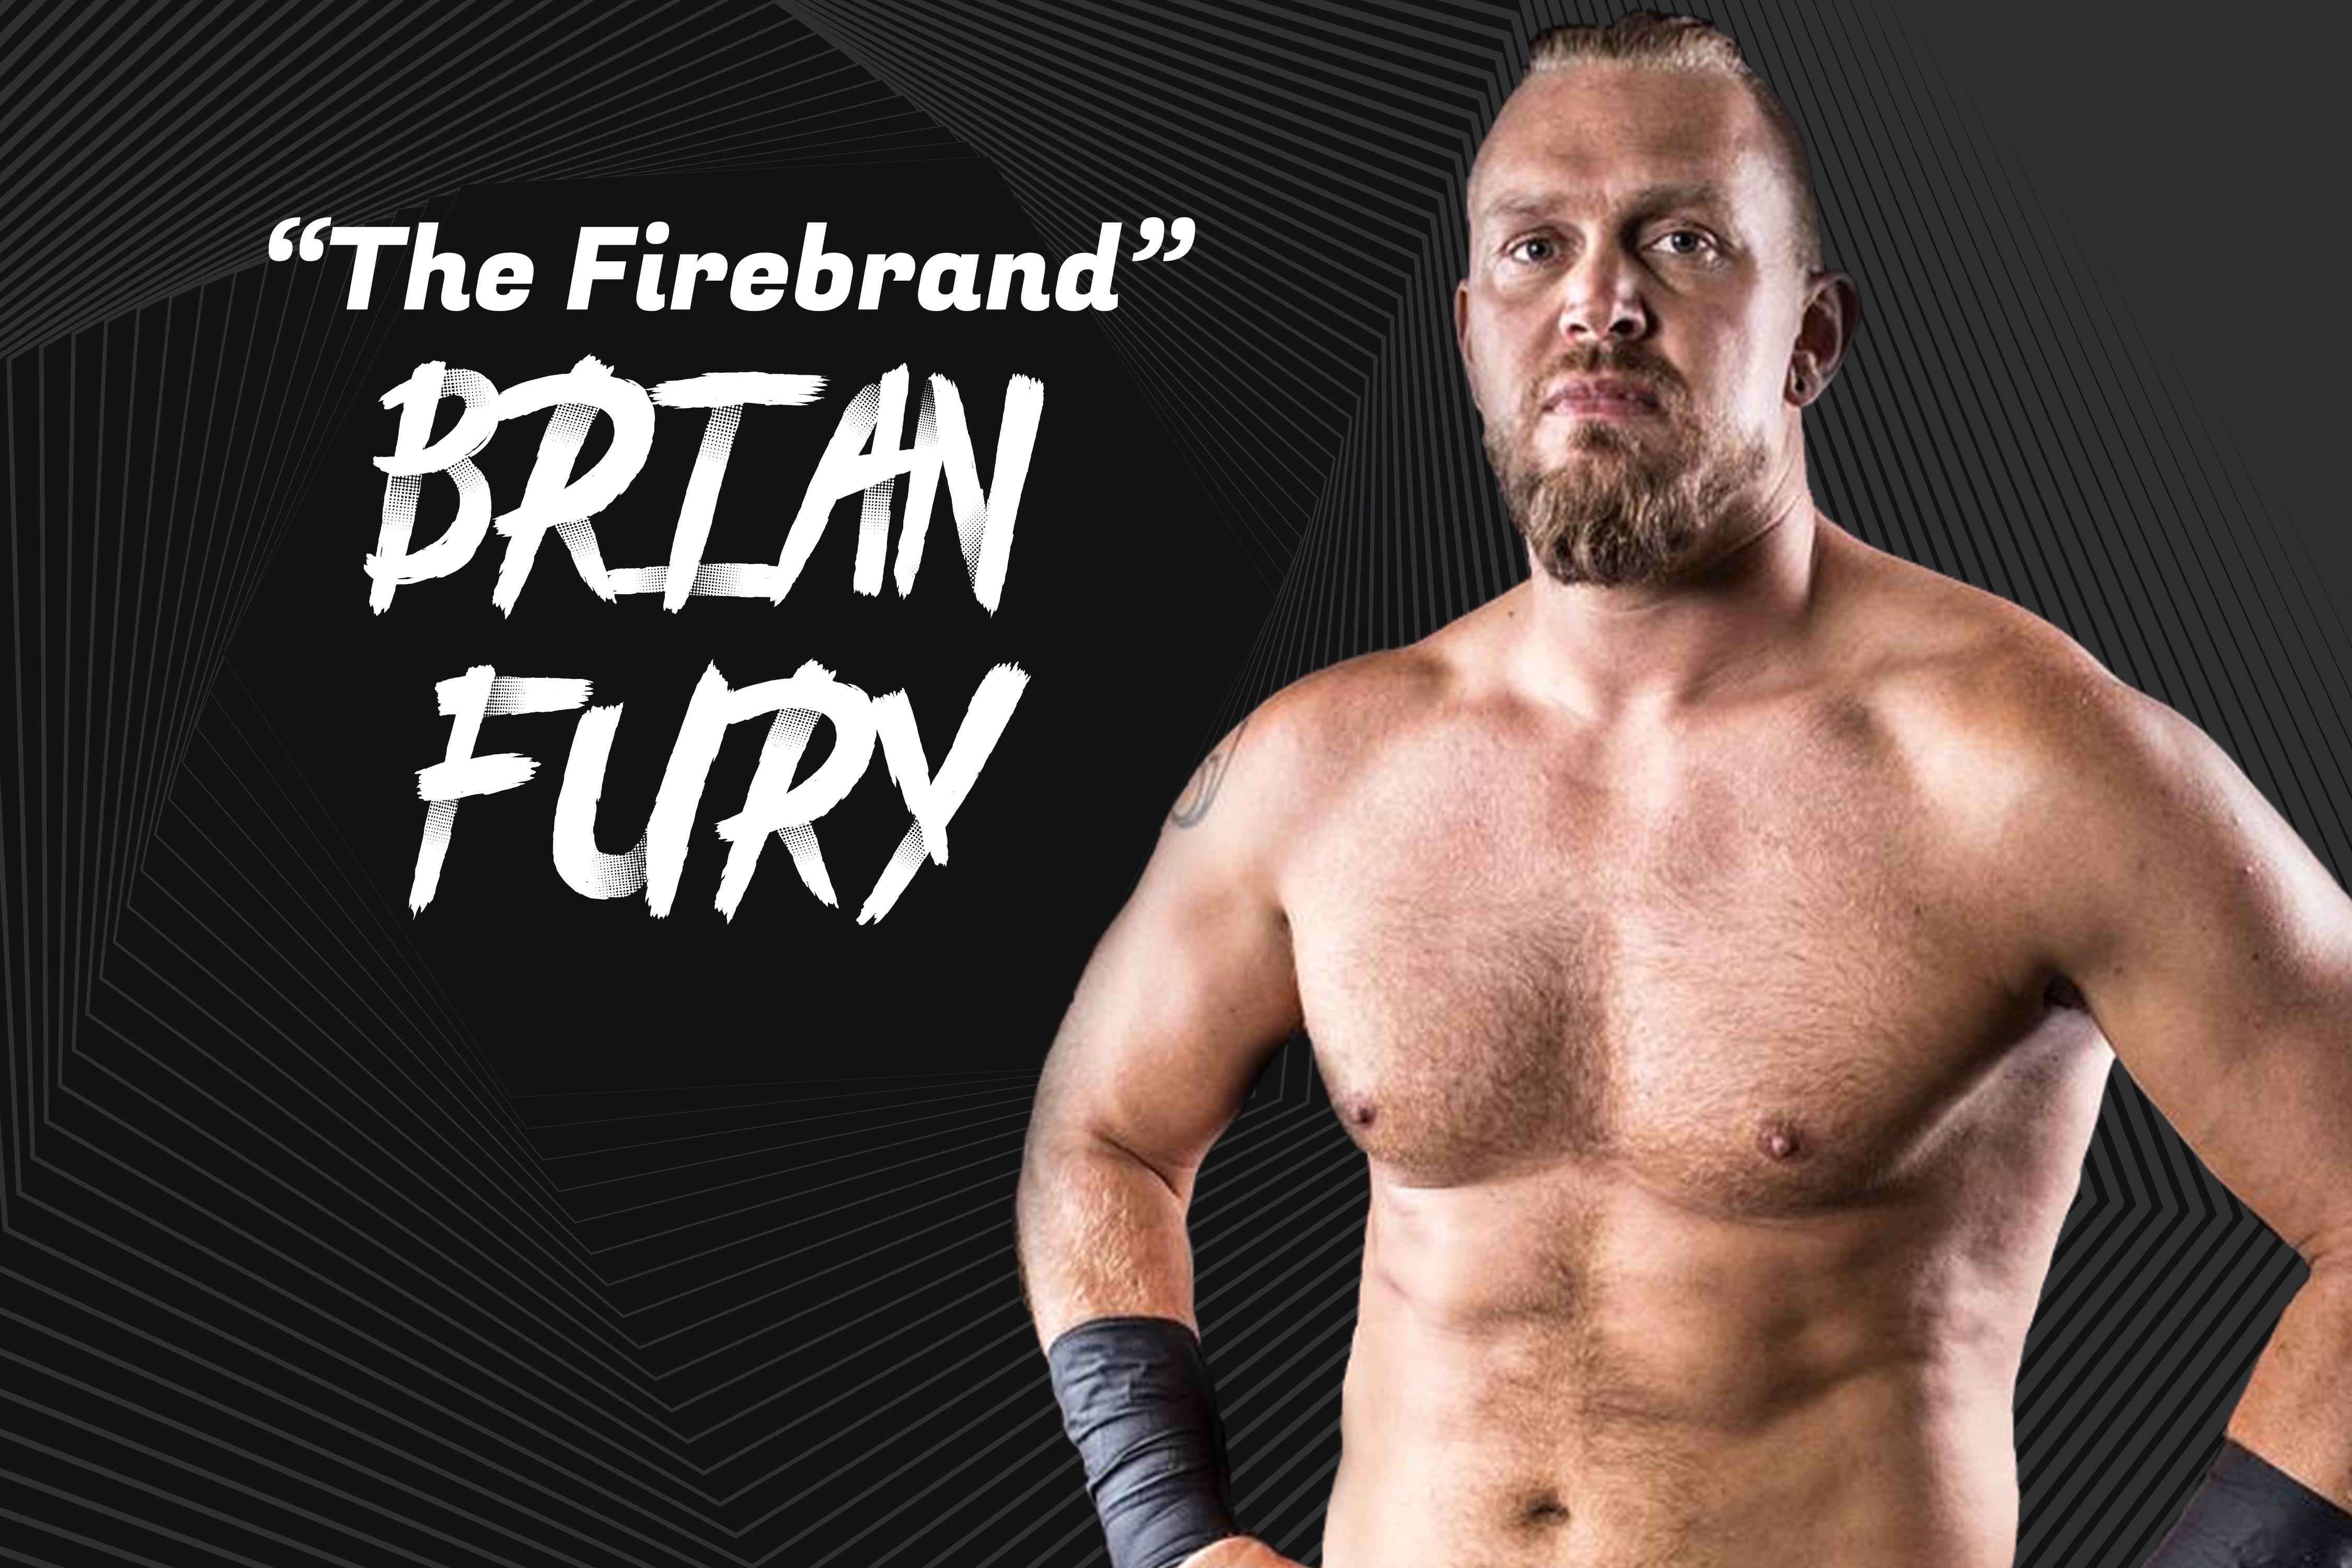 Brian Fury